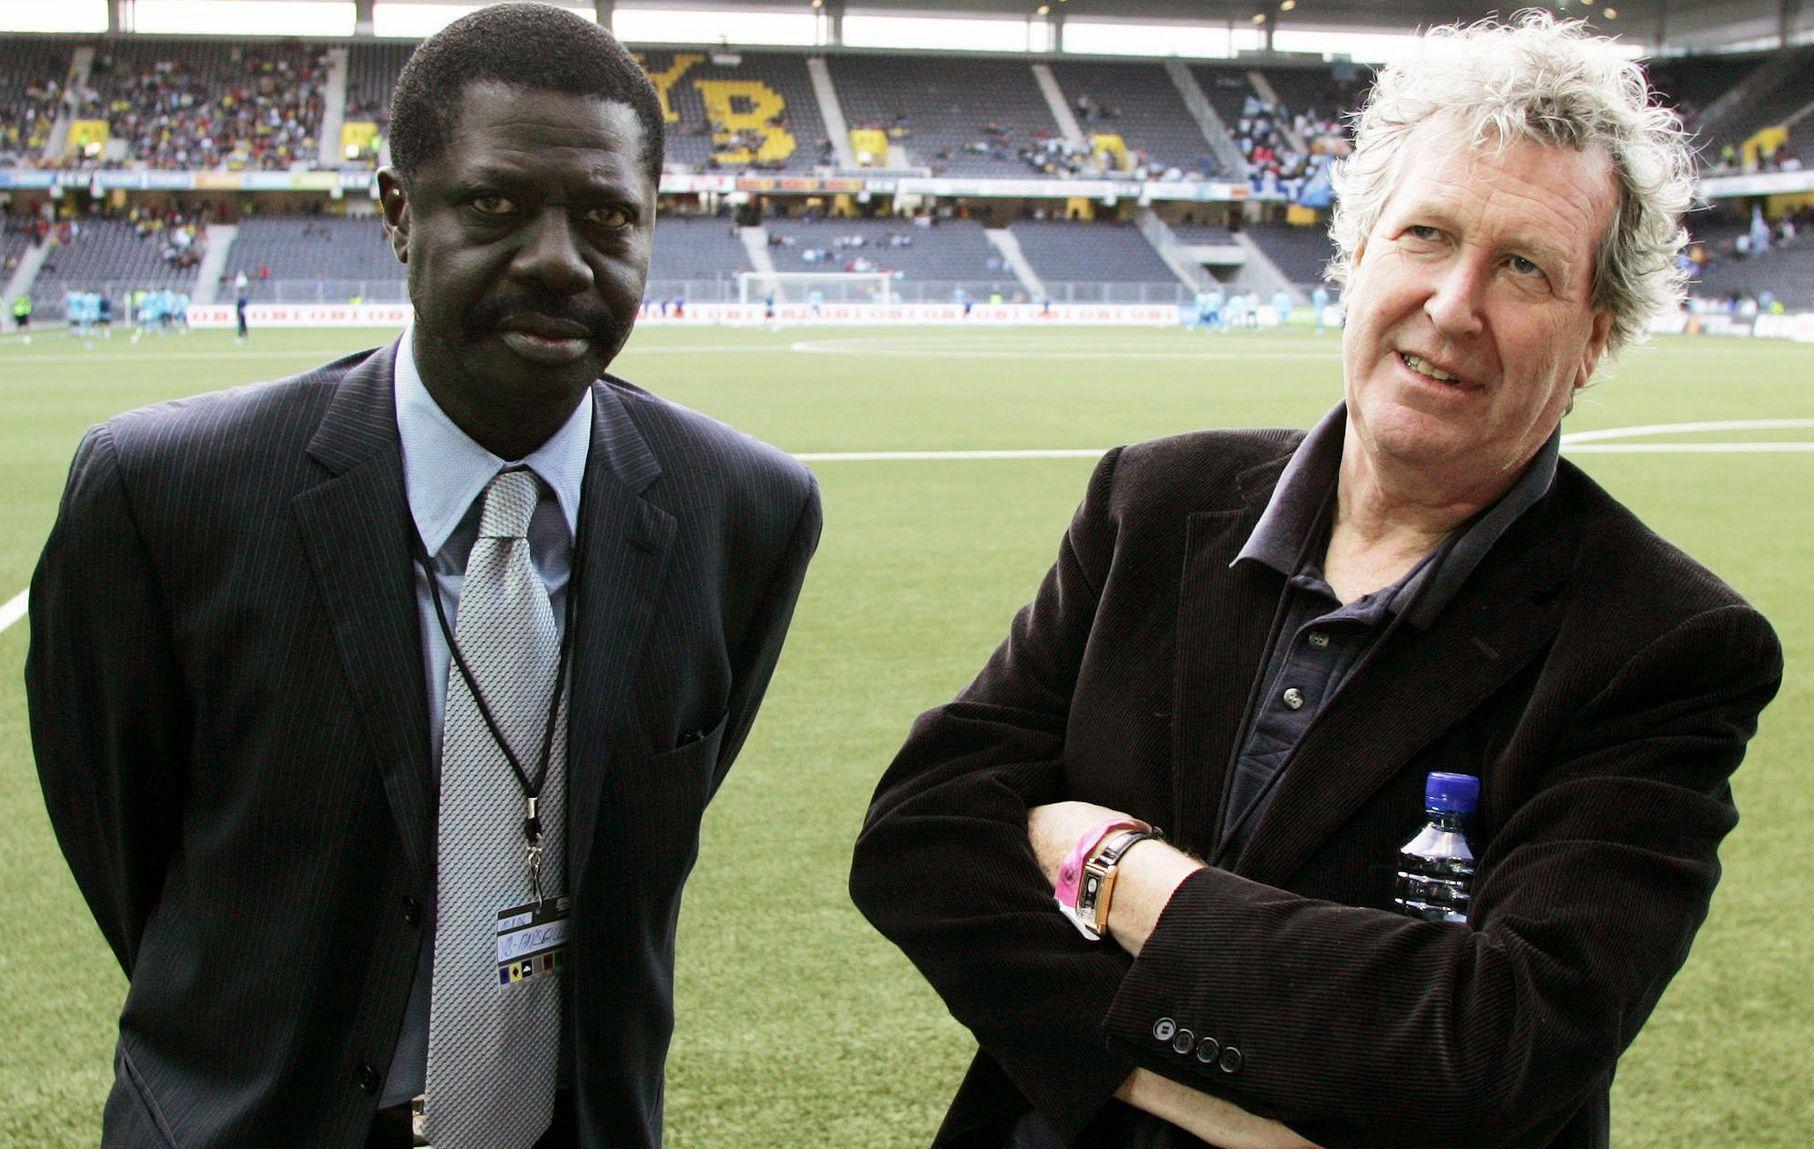 Football - Ligue 1 - Diouf l'Africain, premier président noir d'un club de Ligue 1